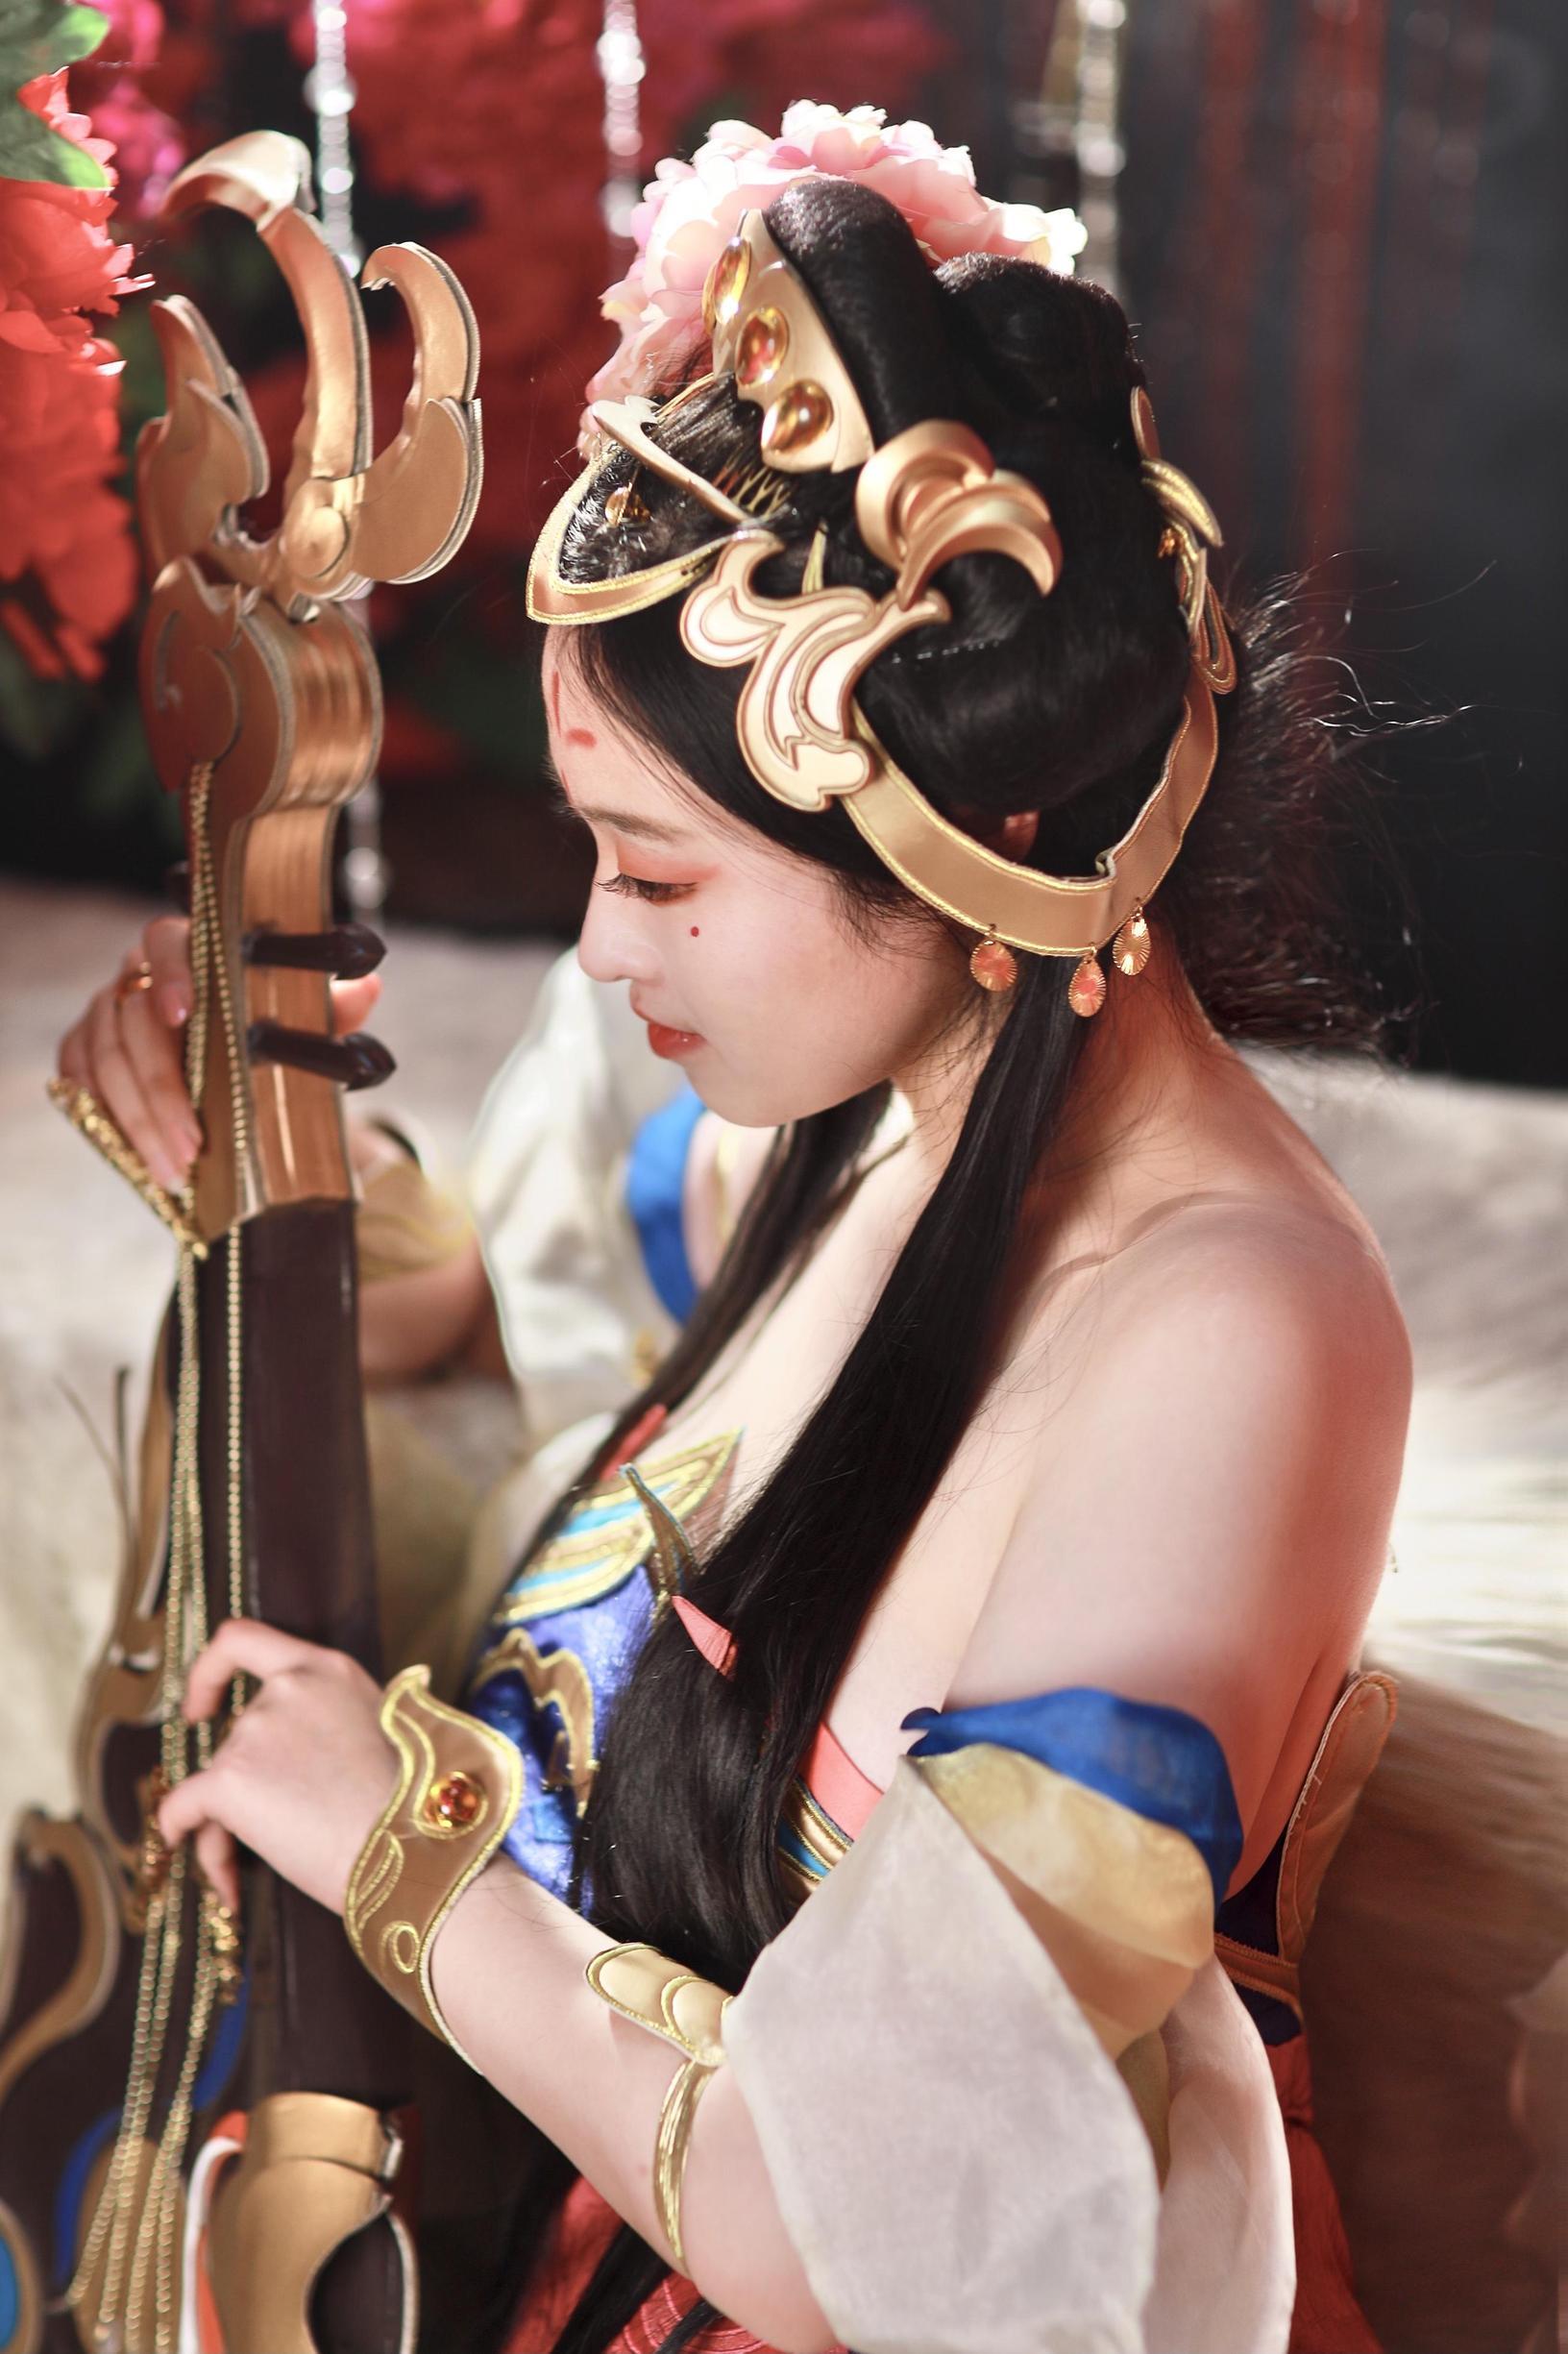 《王者荣耀》王者荣耀杨玉环cosplay【CN:虞棂er】 -小丑女cosplay图片插图